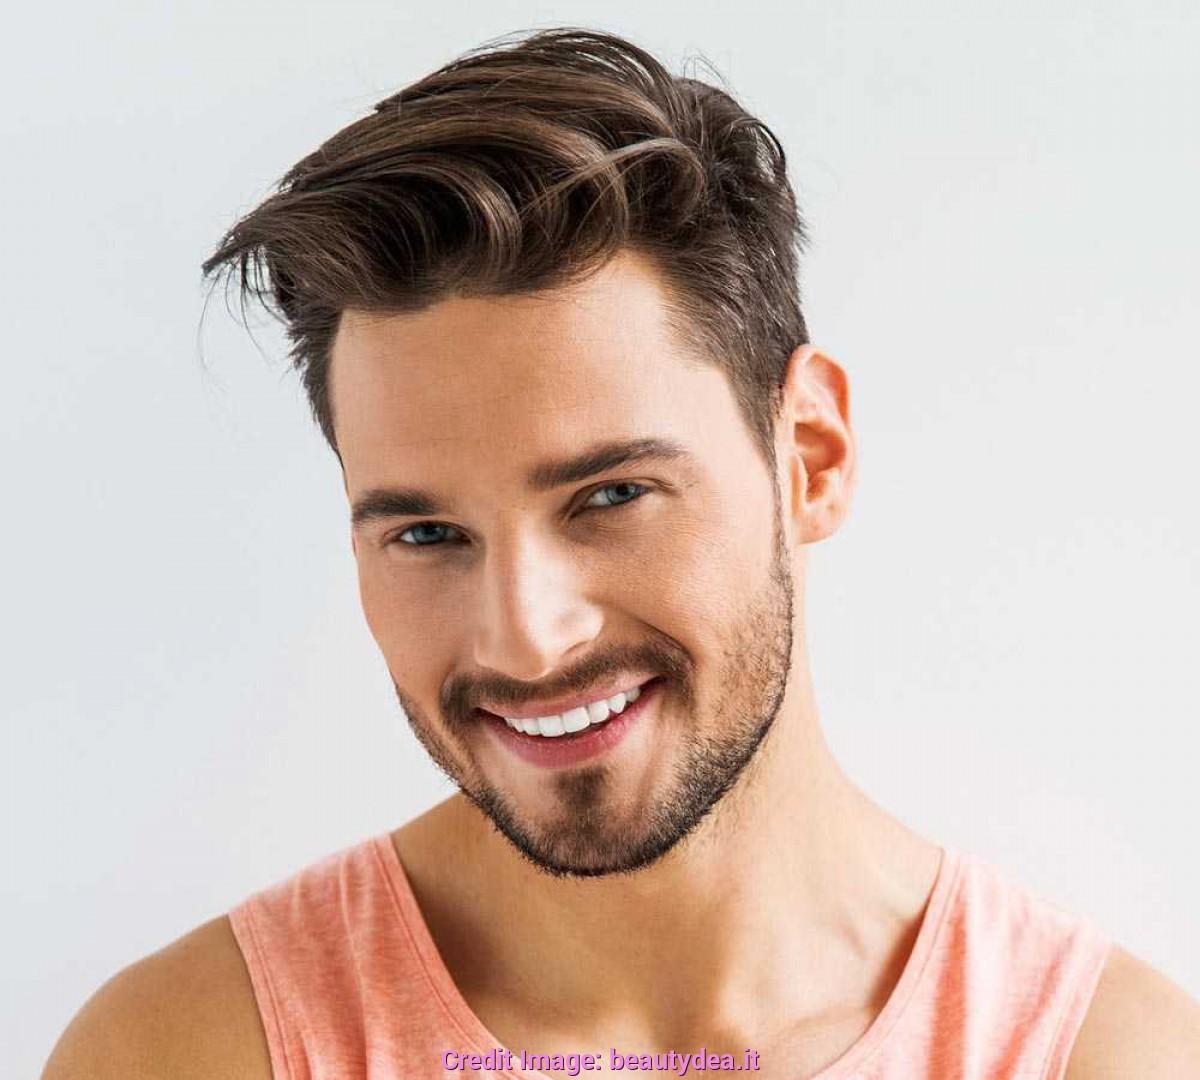 Taglio capelli uomo più shampoo - DM Studio - SmartYou